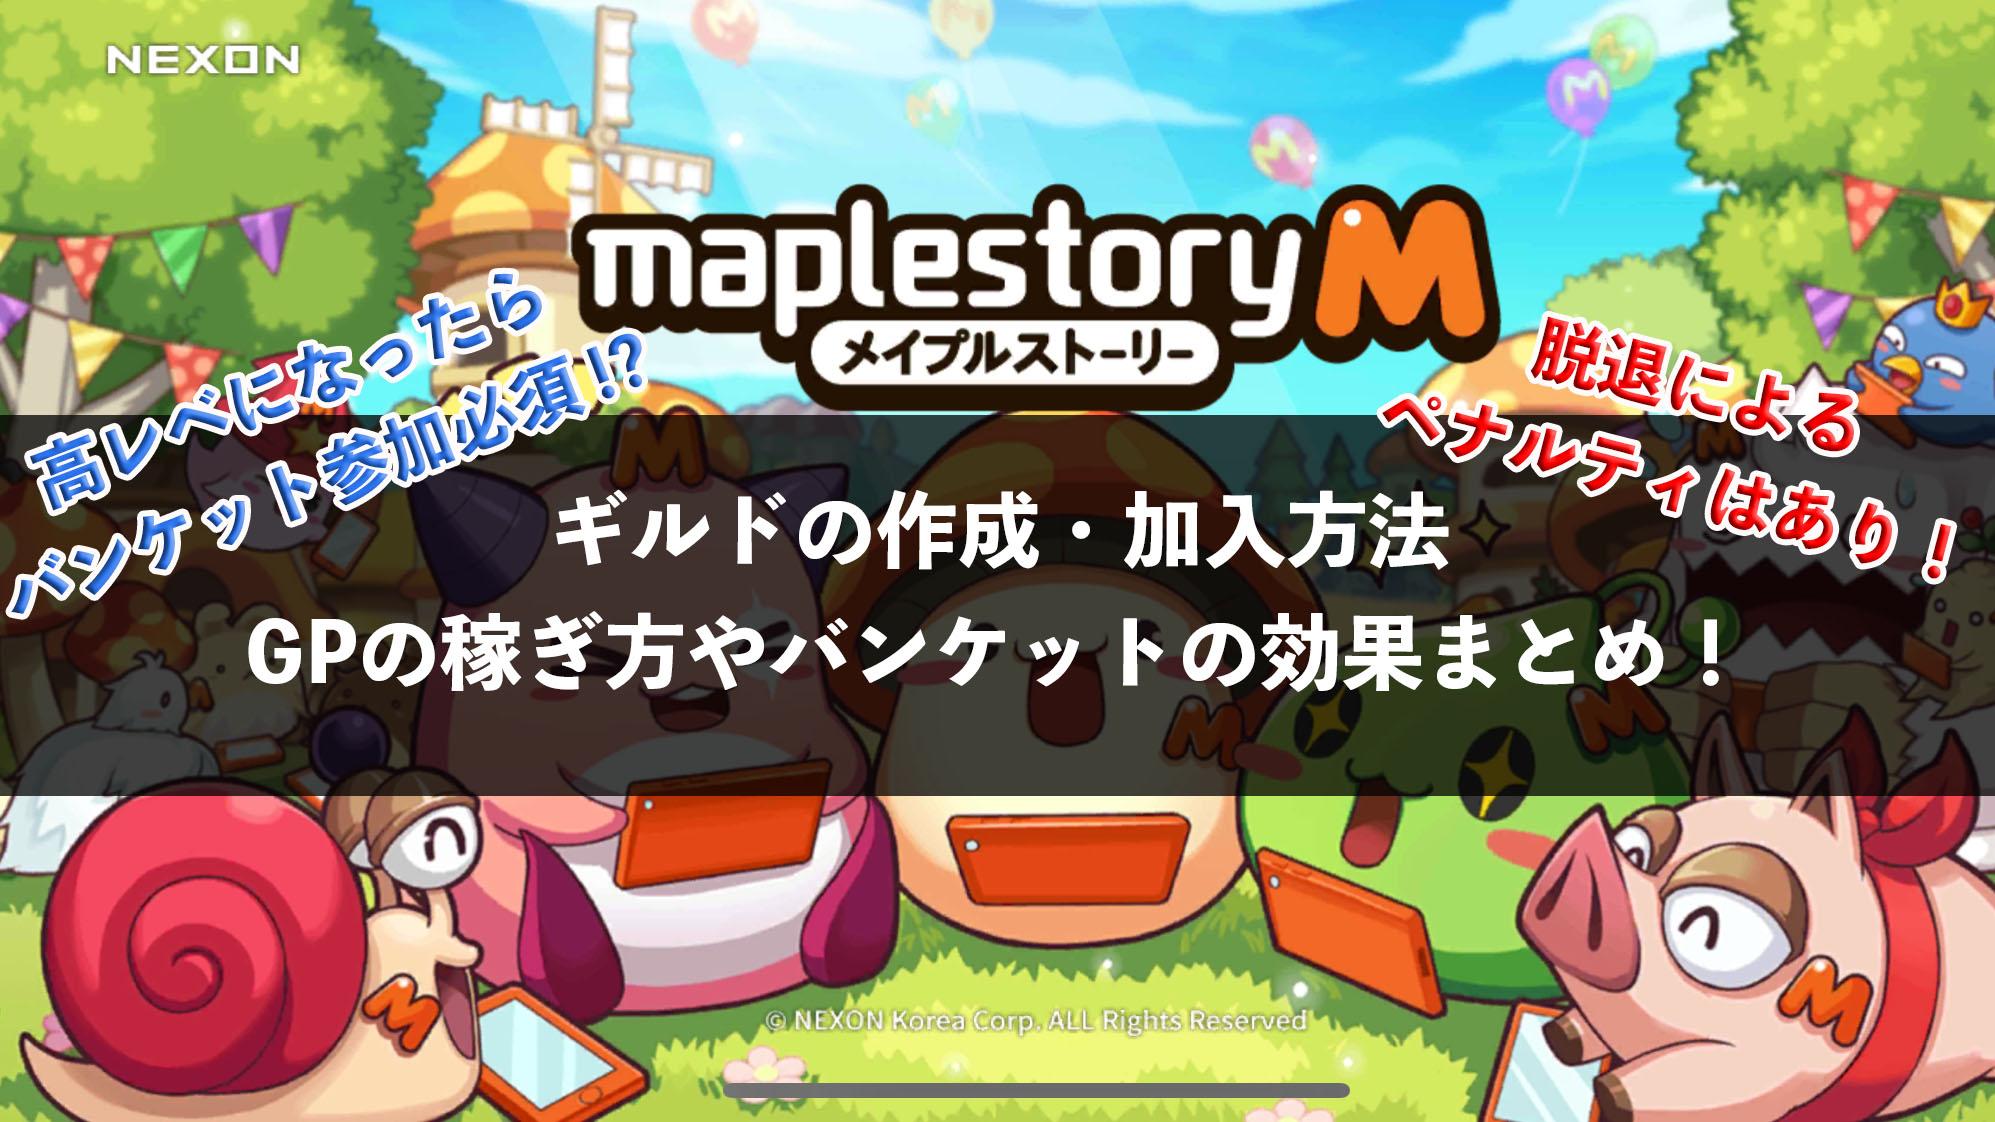 【メイプルM】ギルドの作成・加入方法!GPの稼ぎ方、バンケットの効果!【攻略】